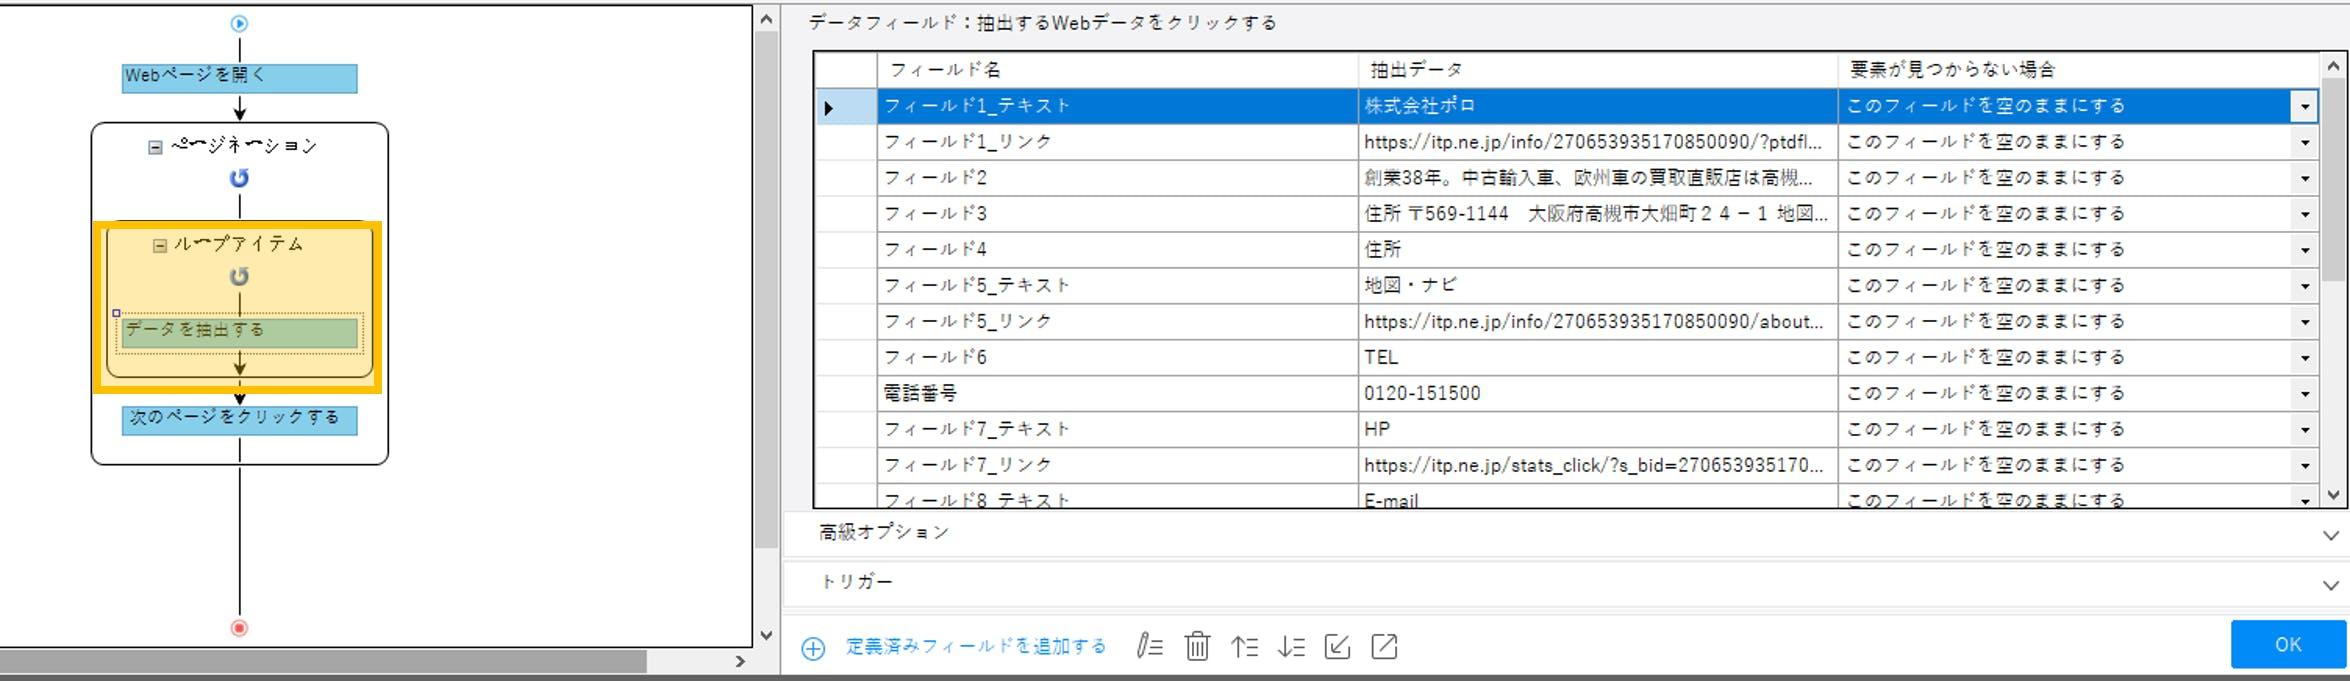 12-ループアイテム.png